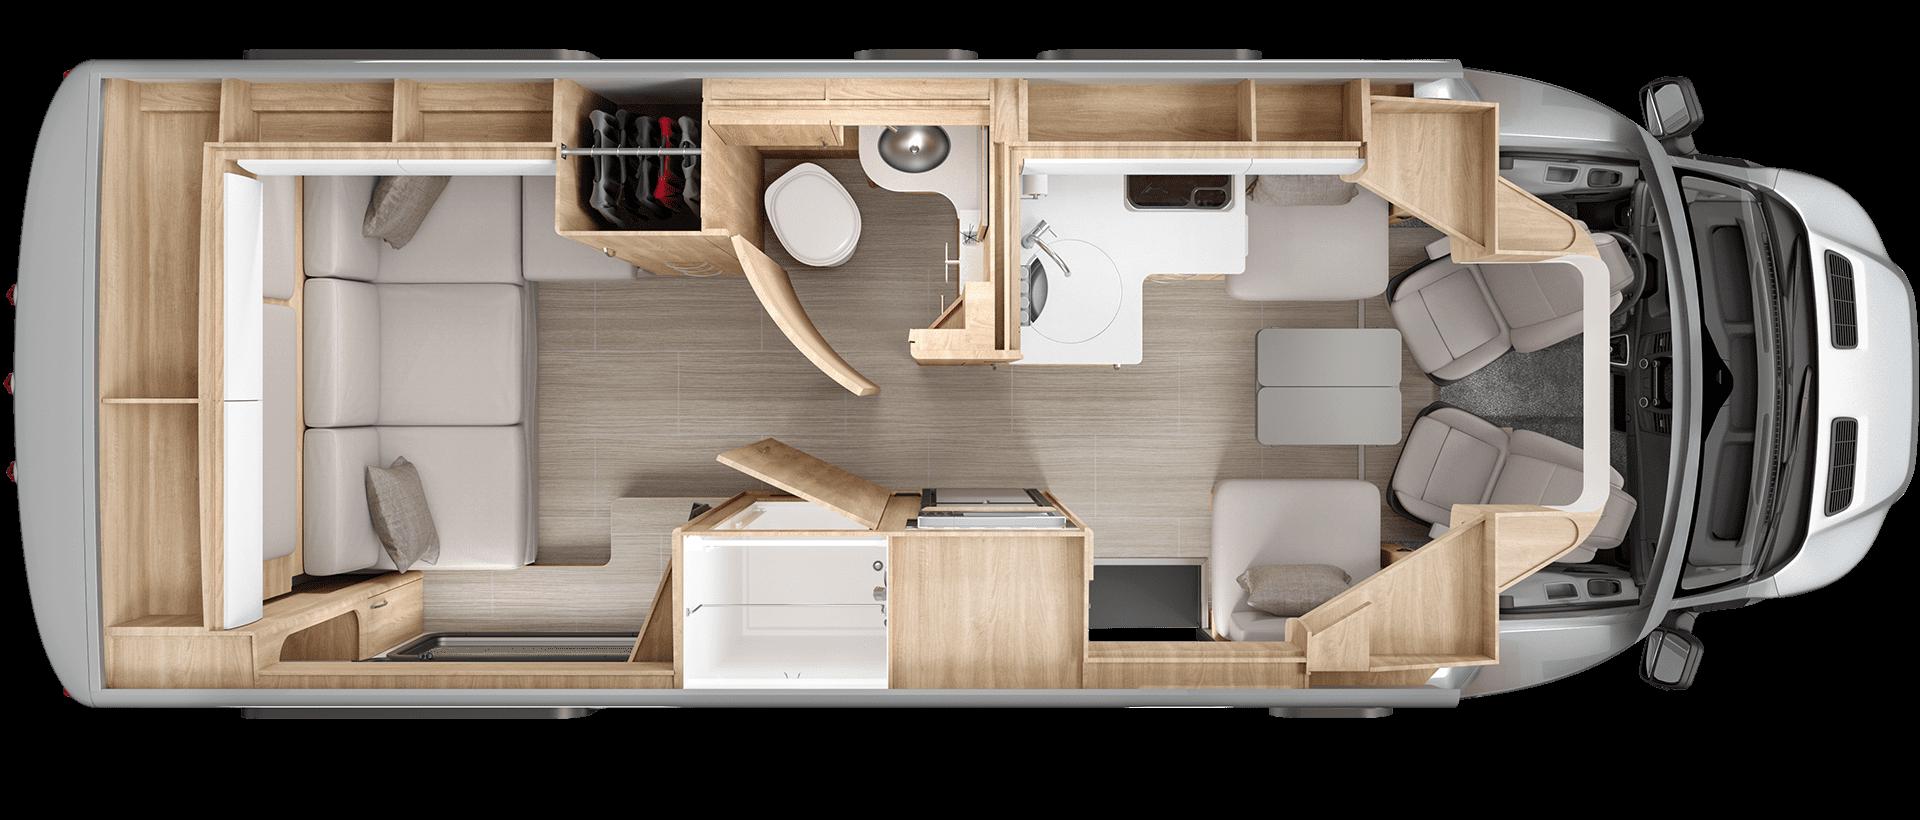 Leisure Travel Vans Wonder cheaper version of airstream class c unique floor plans